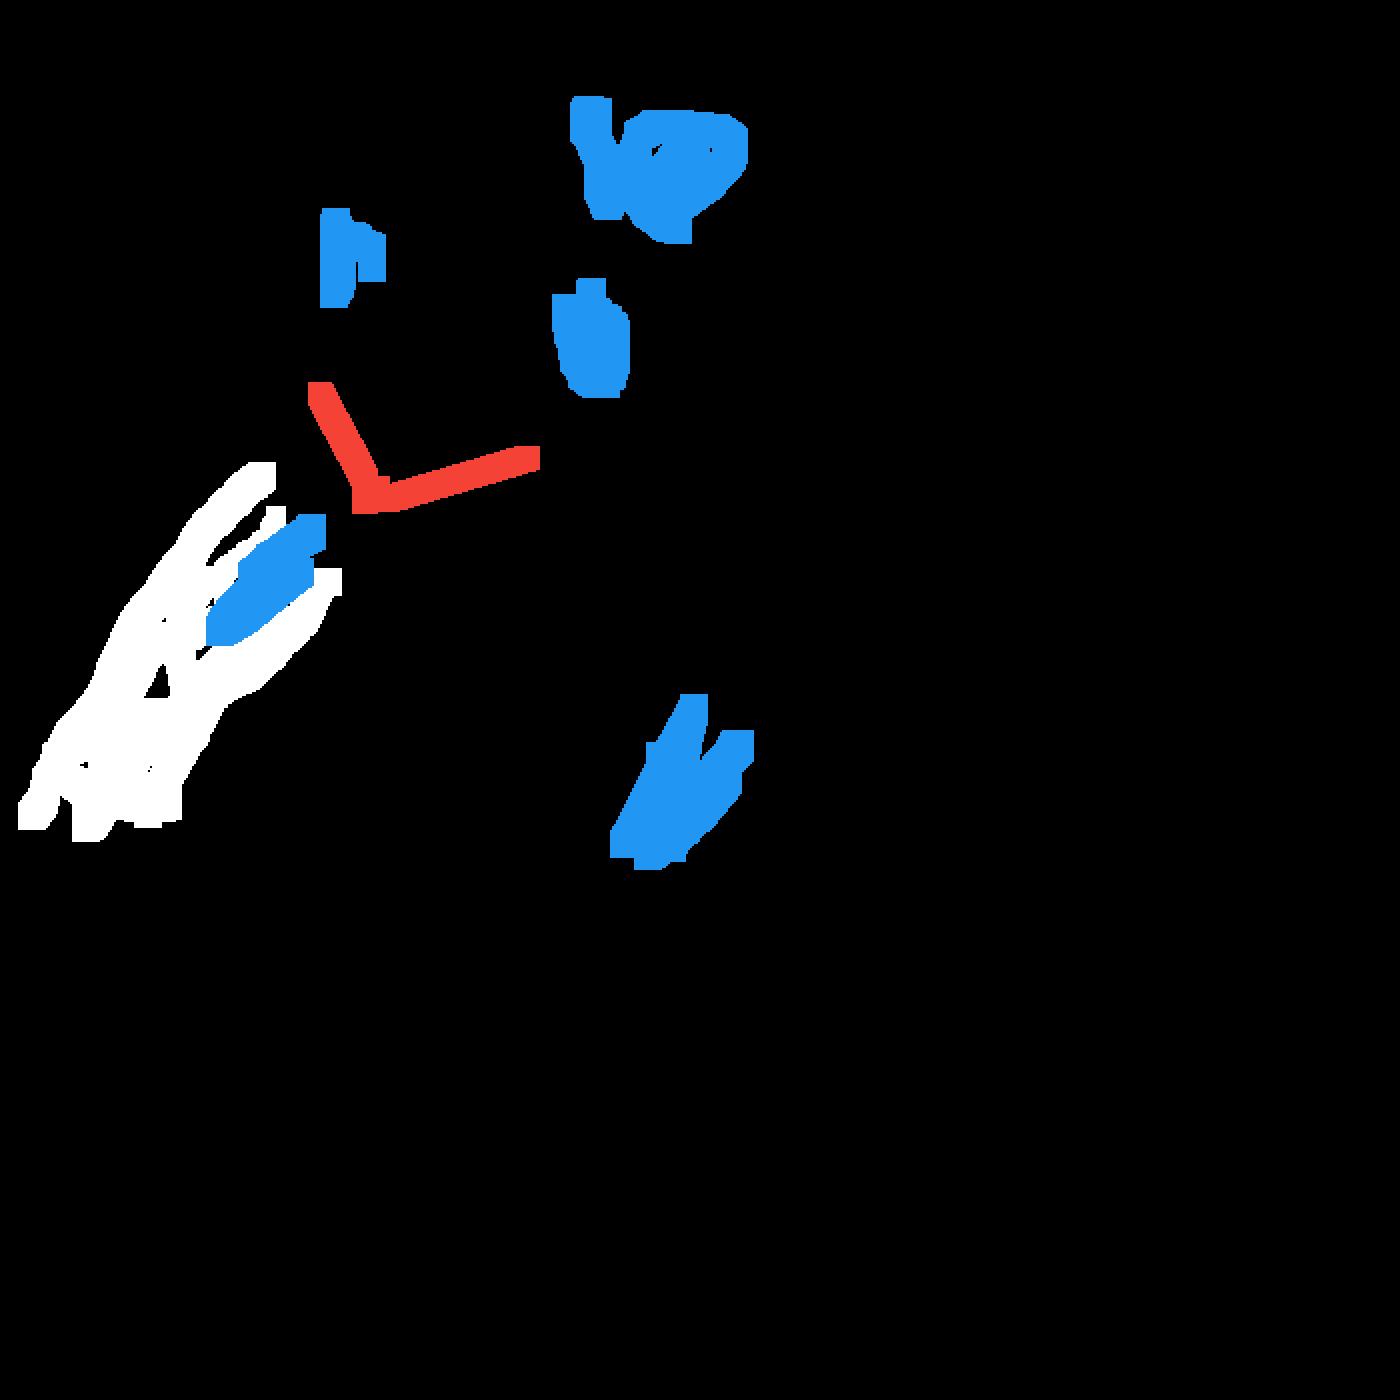 base by apk-22223